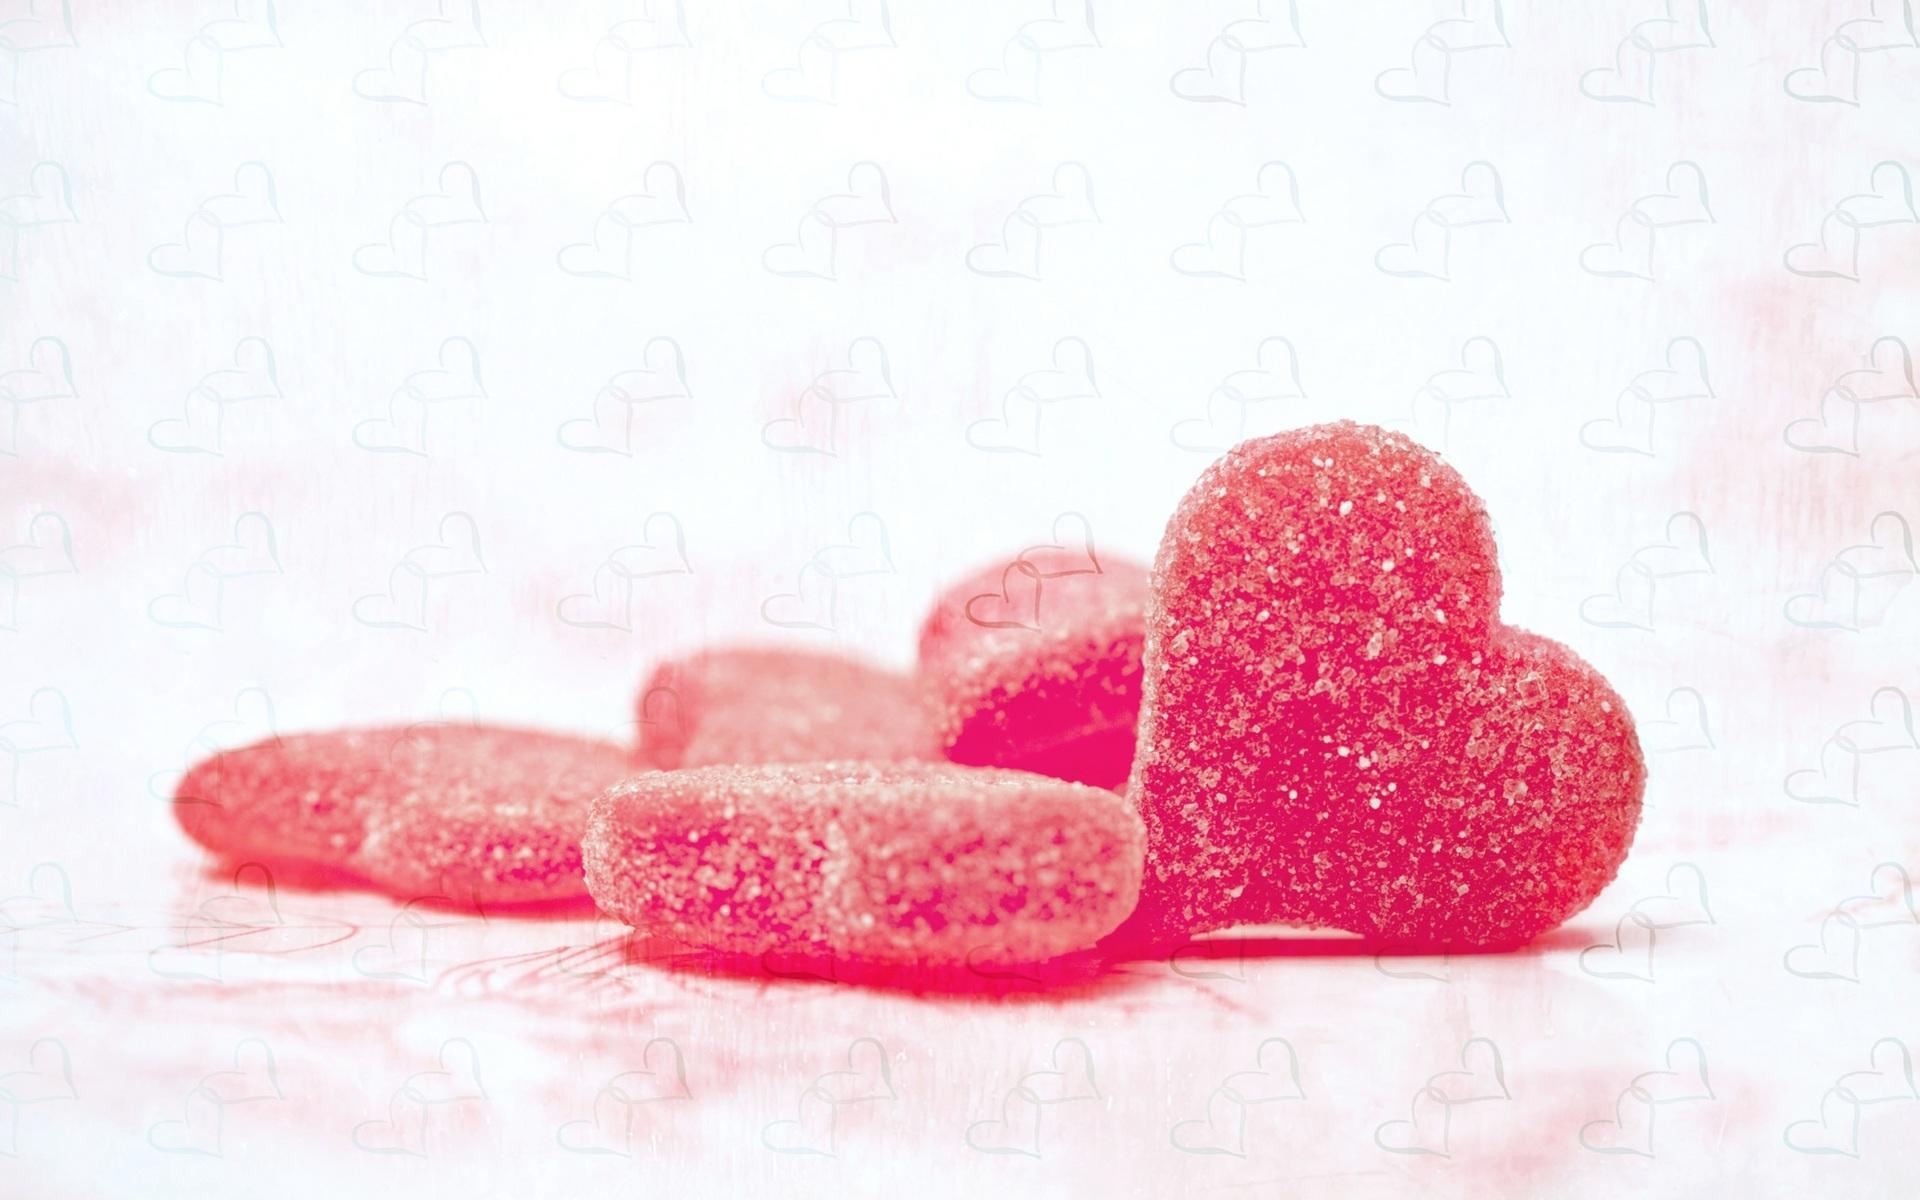 Сердца из мармелада